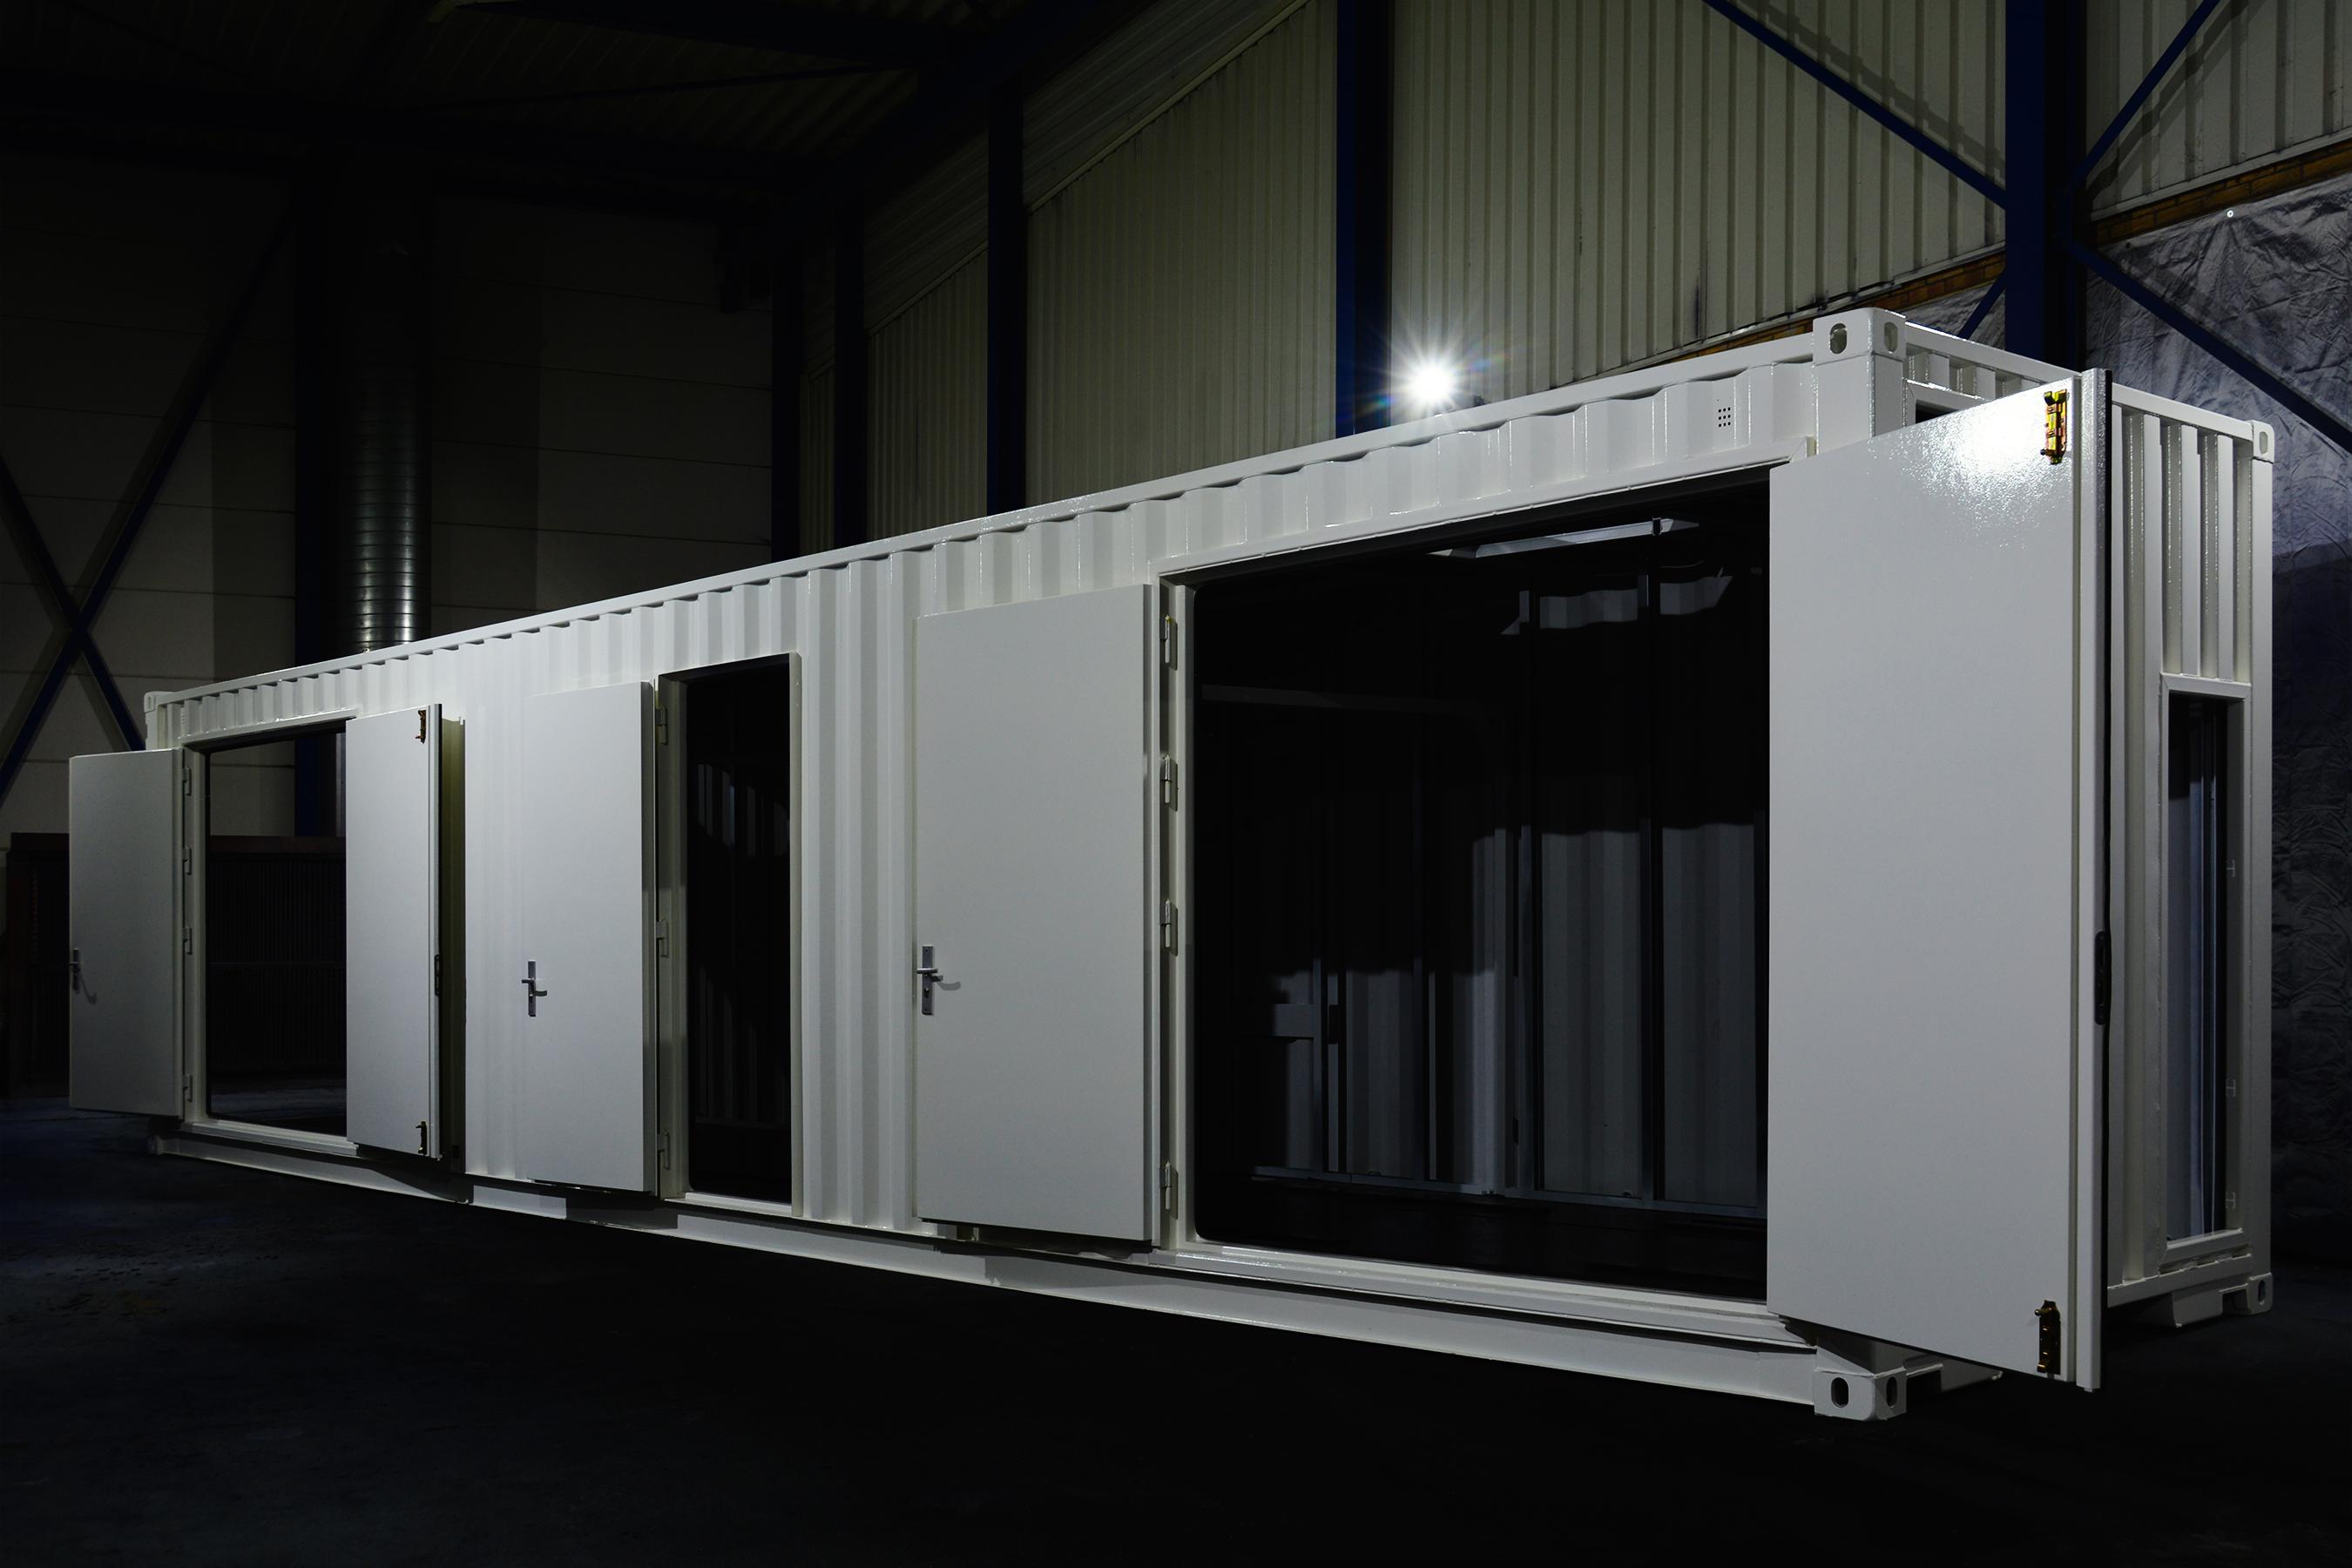 Modificatie container @ Hazo Techniek